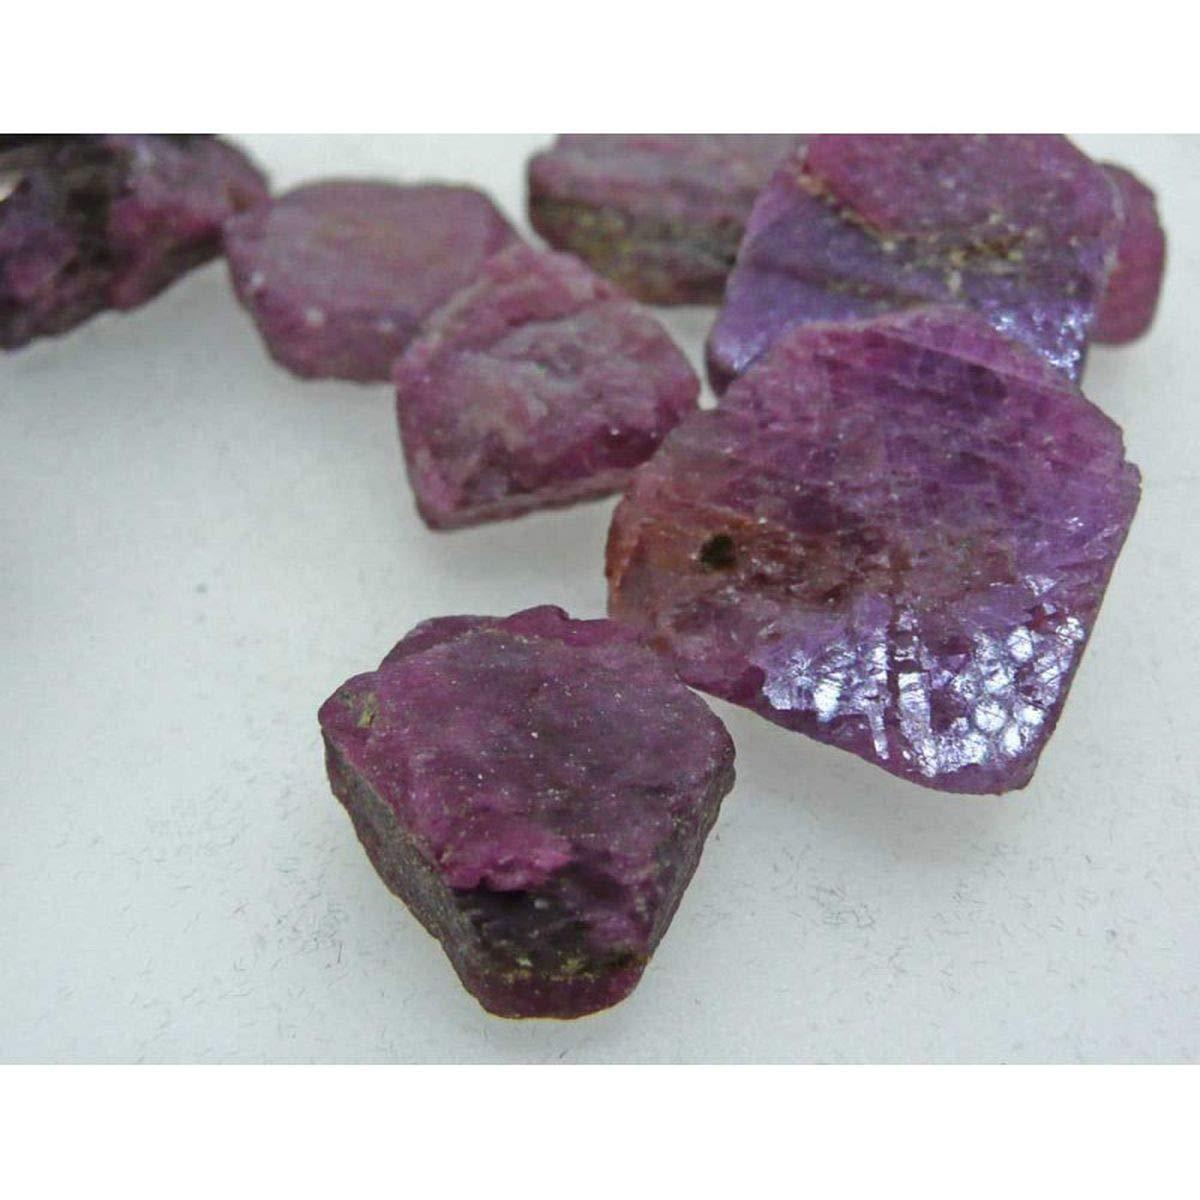 Rubi Bruto Piezas Entre 2-5 Gramos Minerales y Cristales, Belleza energética, Meditacion, Amuletos Espirituales: Amazon.es: Hogar